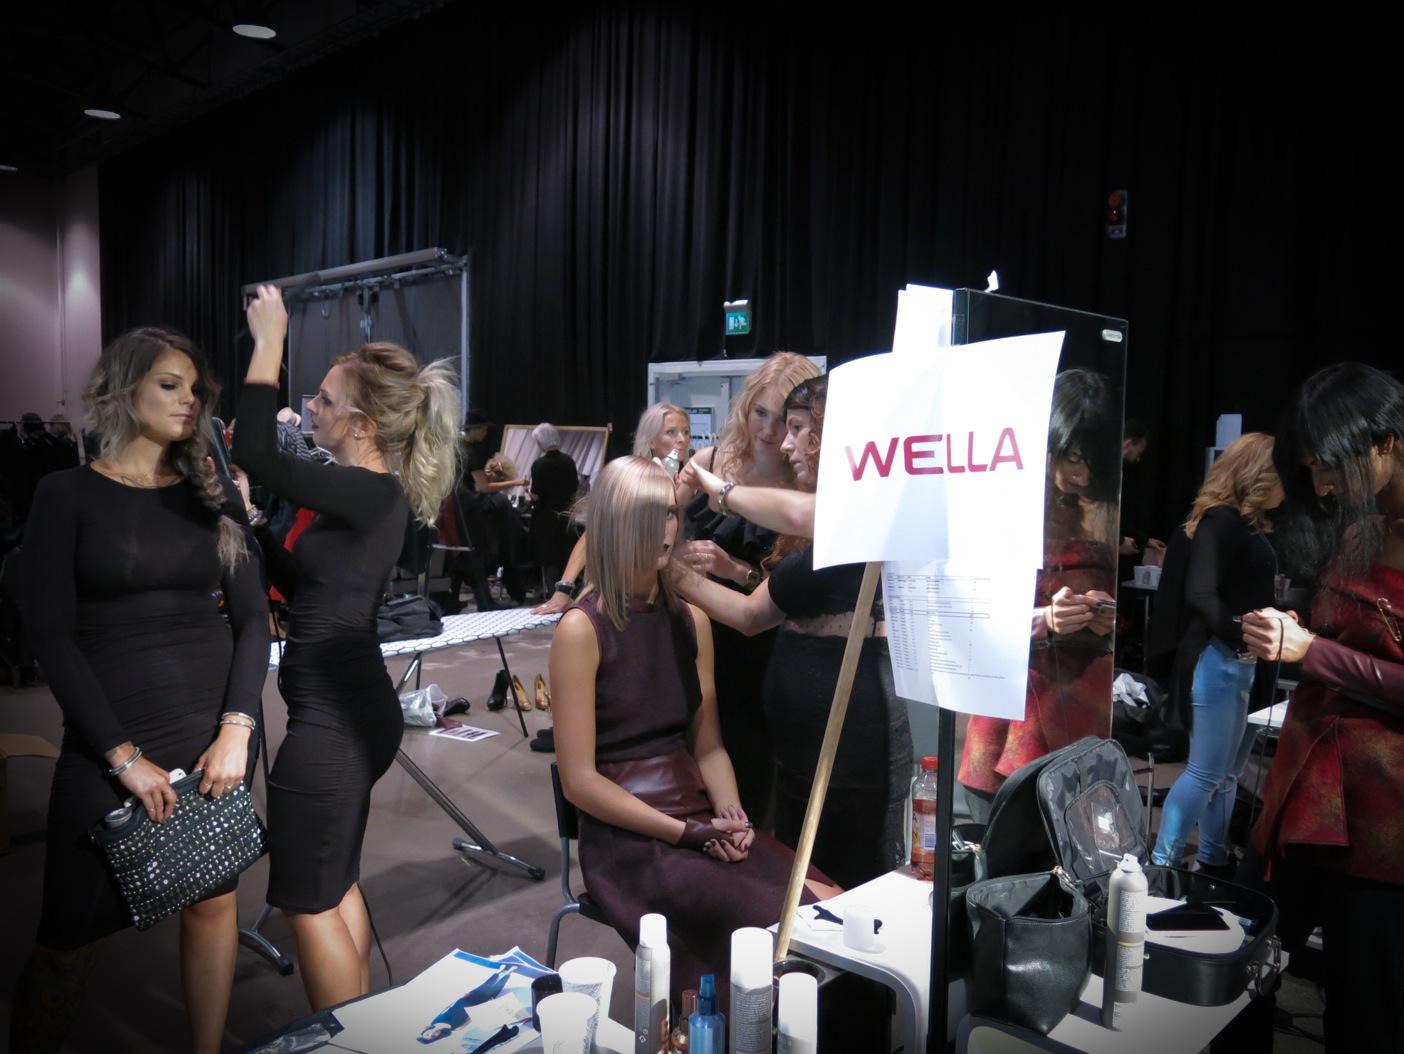 Hårgänget i Stockholm förbereder sin Pixelmaniavisning på Wellas Fest 2015